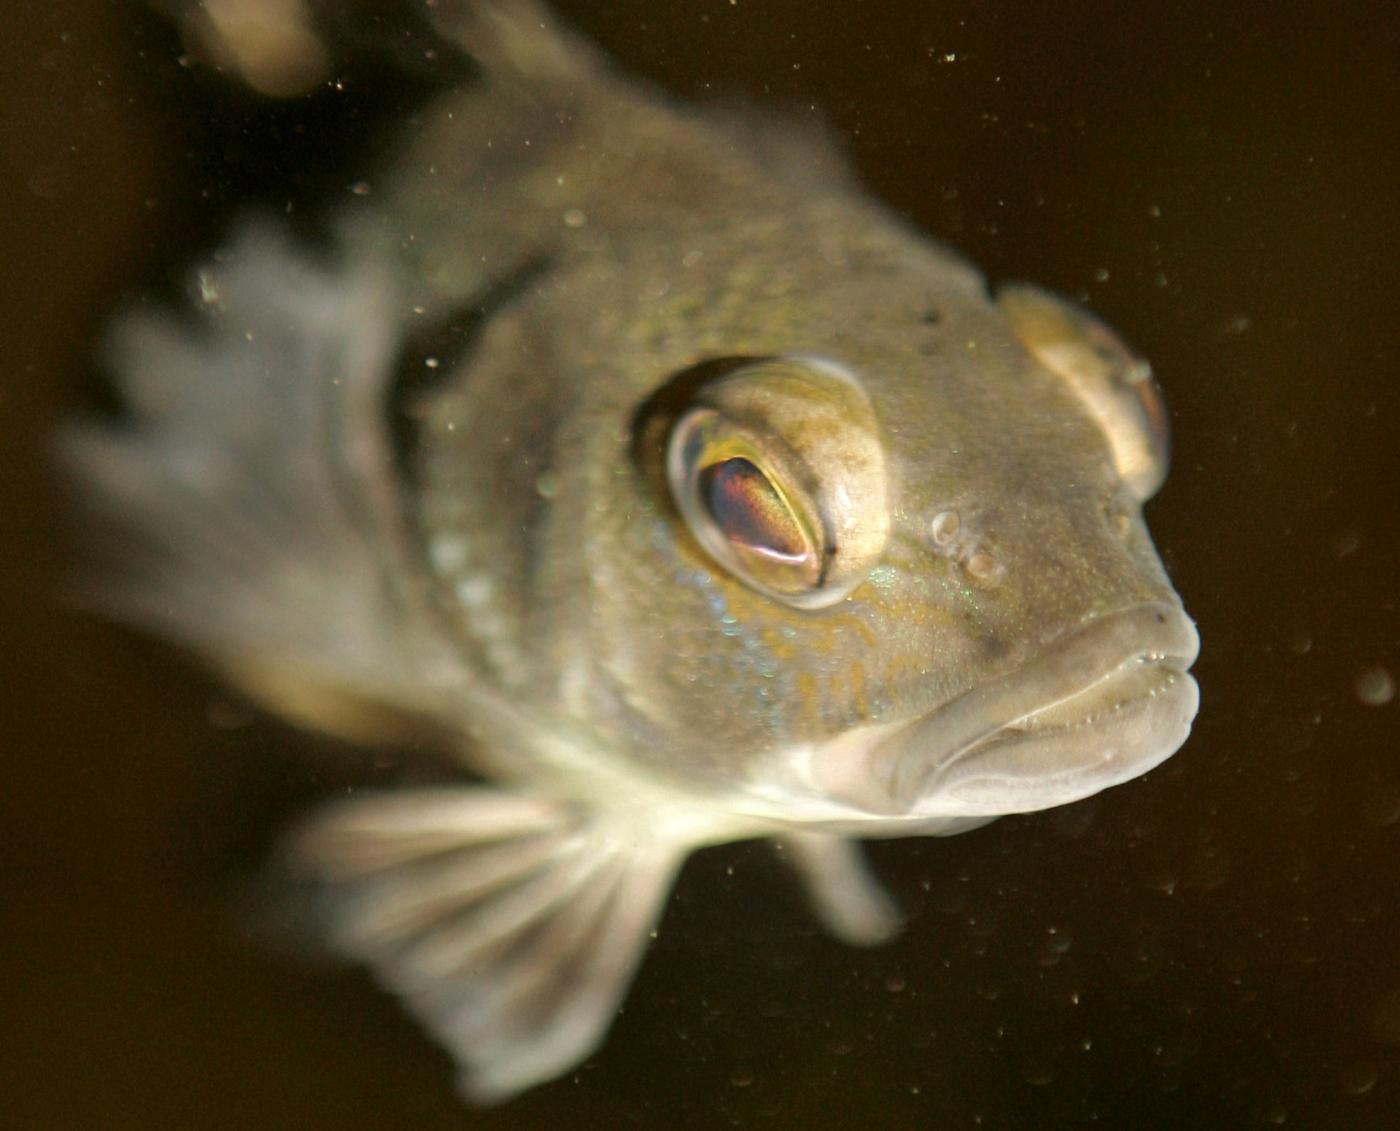 Droghe e farmaci nei fiumi: così i pesci diventano ermafroditi